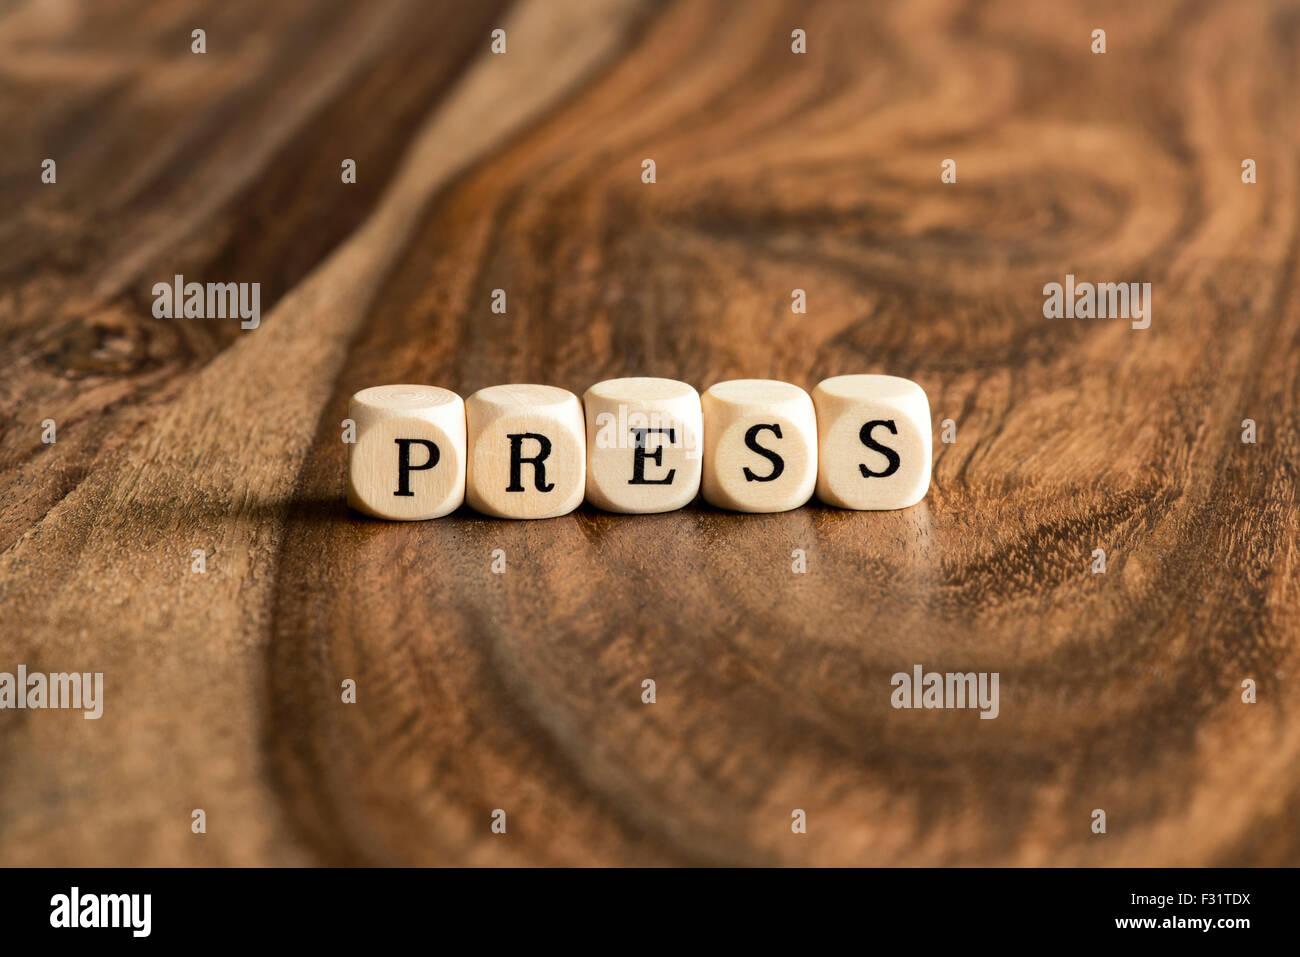 Premere parola sfondo su blocchi di legno Immagini Stock